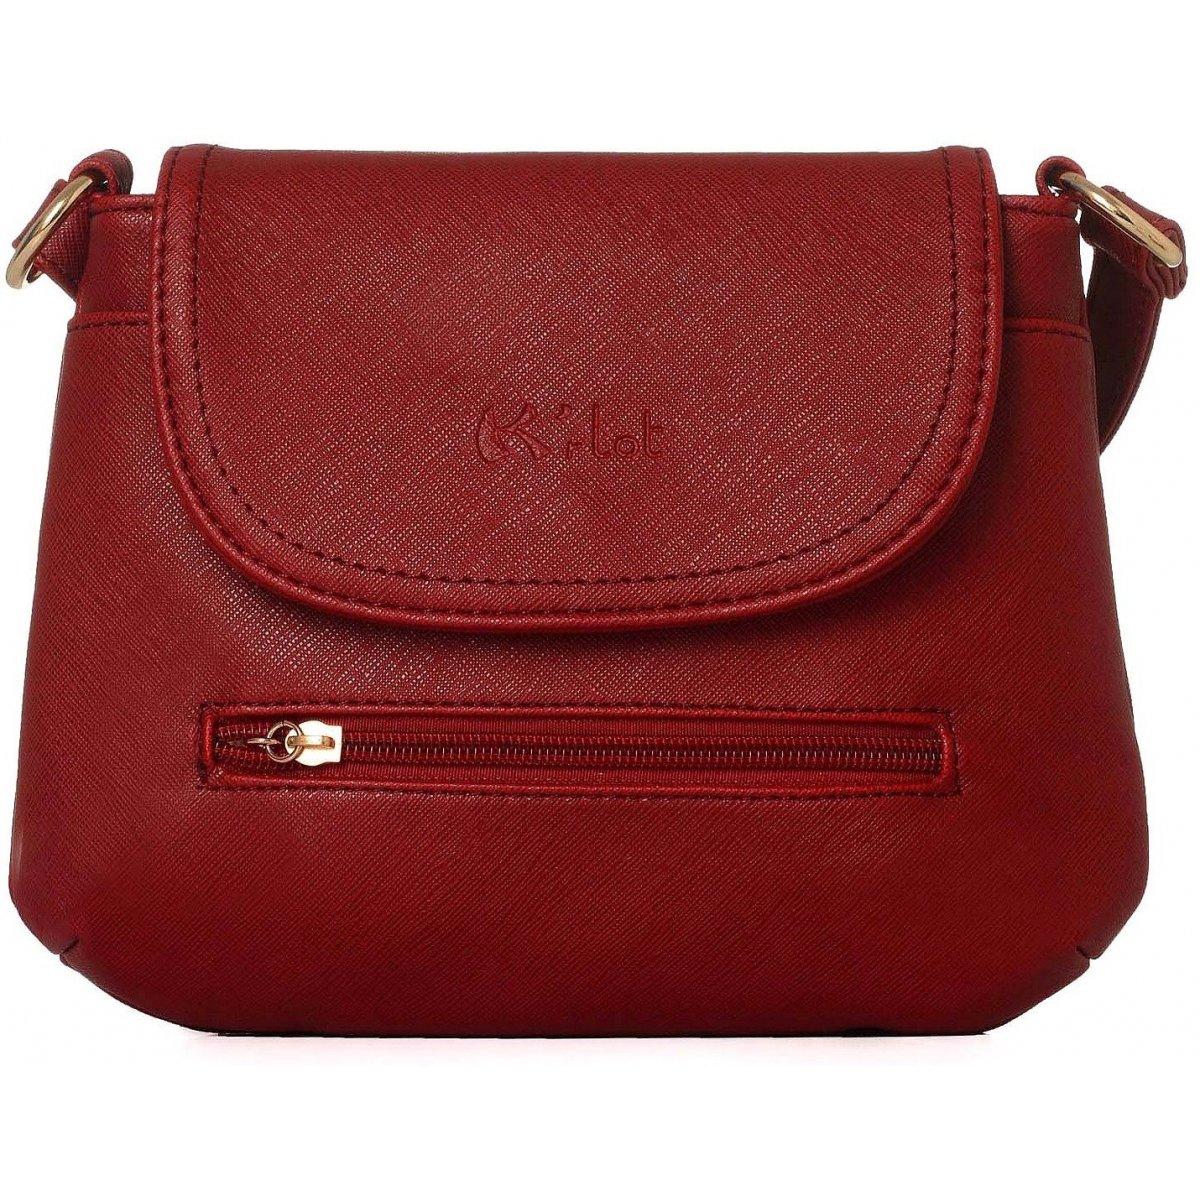 Sac pochette bandouli re krlot fkg0231 couleur principale rouge - Sac de ciment pas cher ...